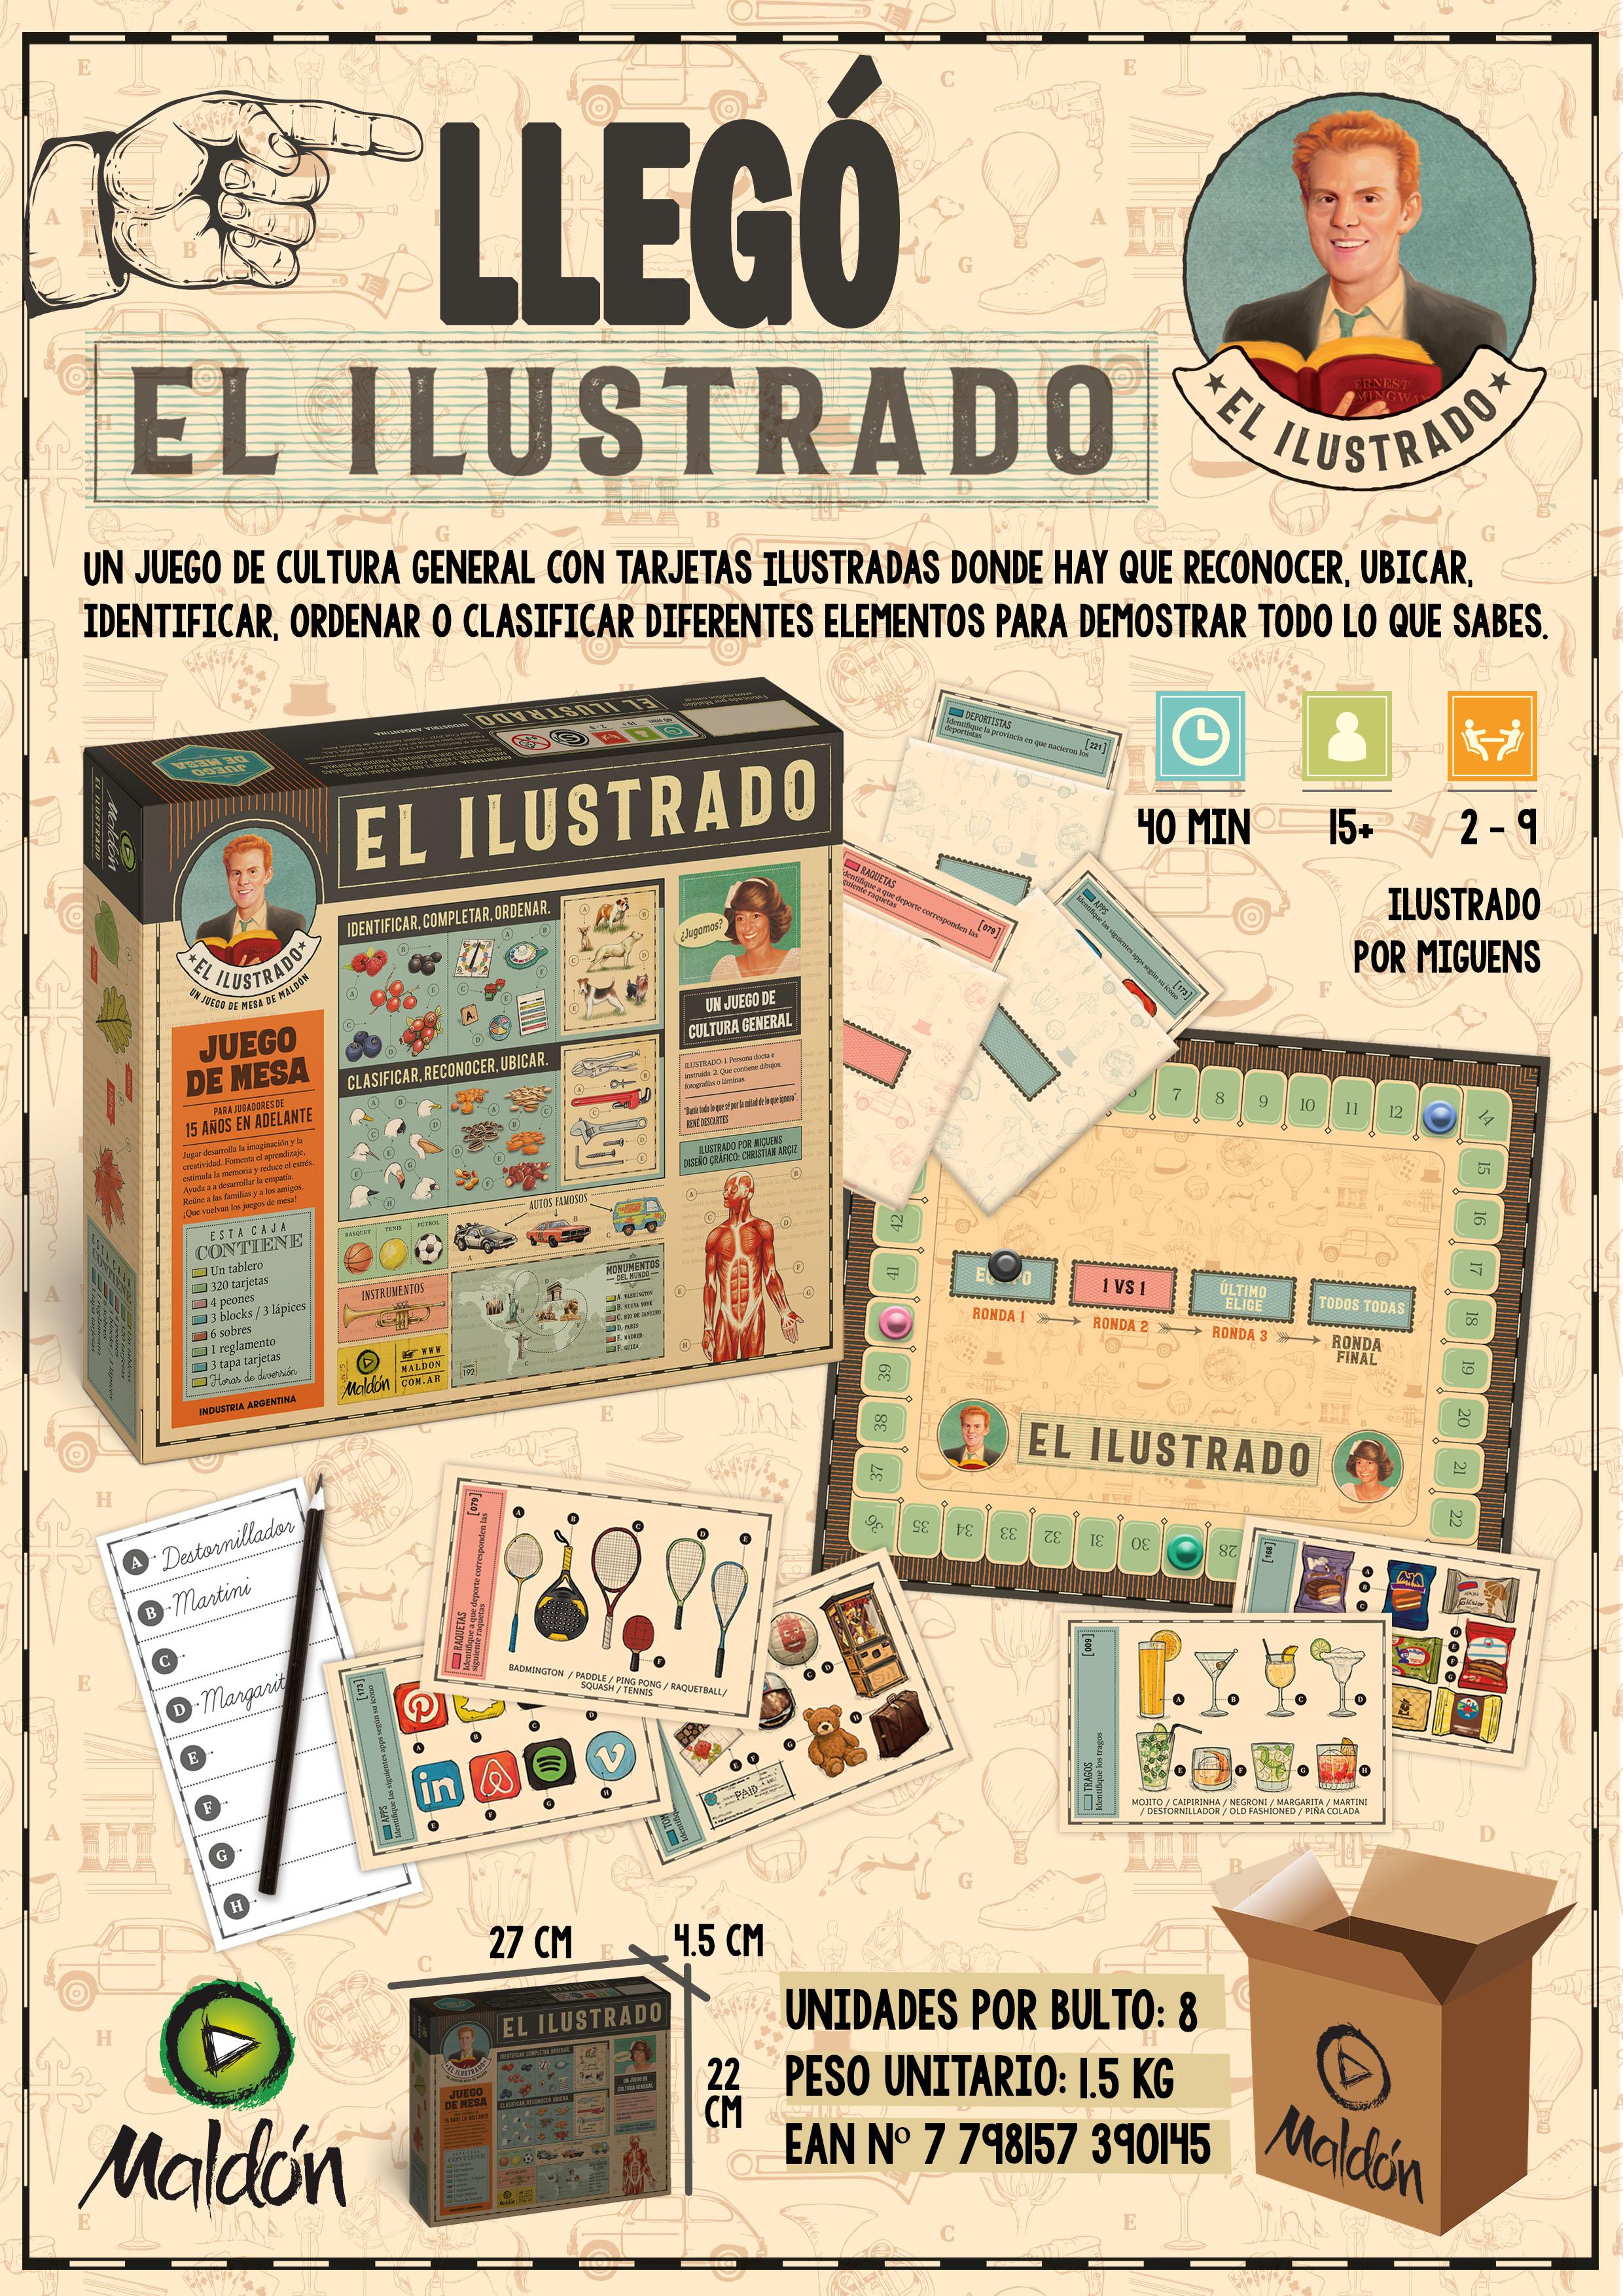 El Ilustrado Un juego de Mesa de cultura general. Con tarjetas ilustradas